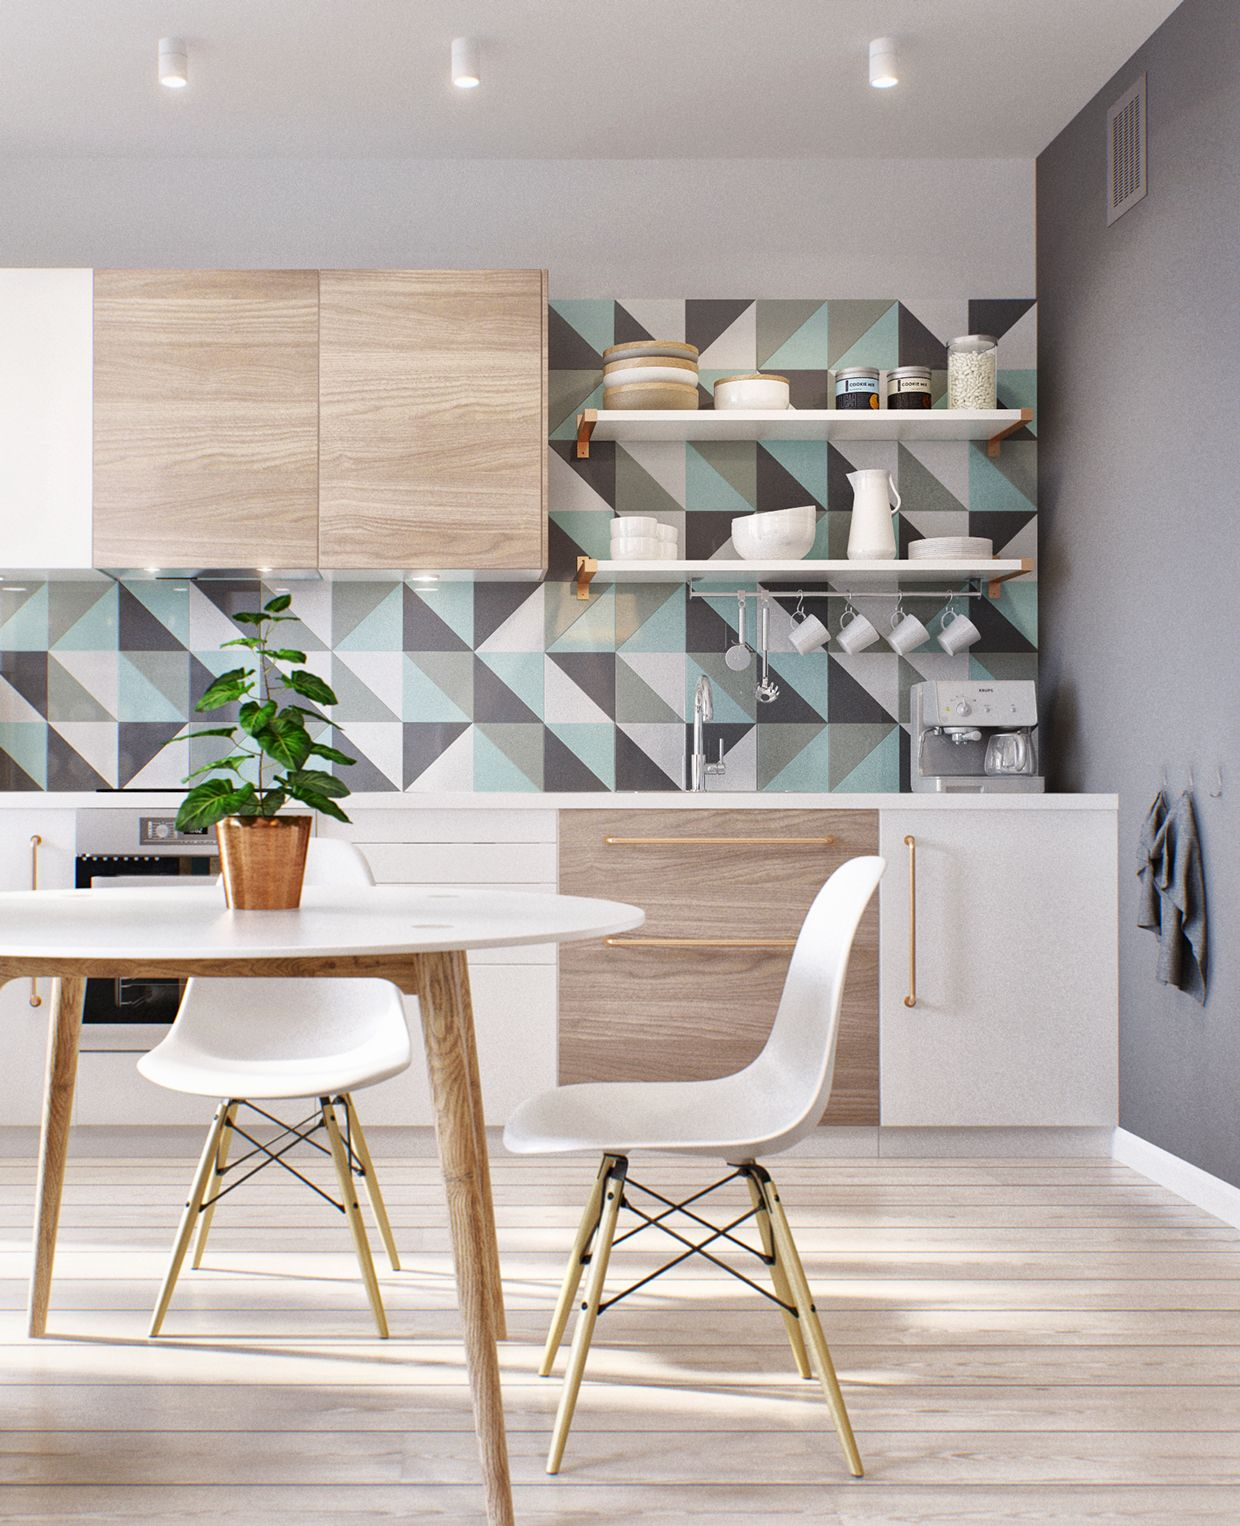 kleine wohnung modern und funktionell einrichten_moderne küche in, Wohnzimmer